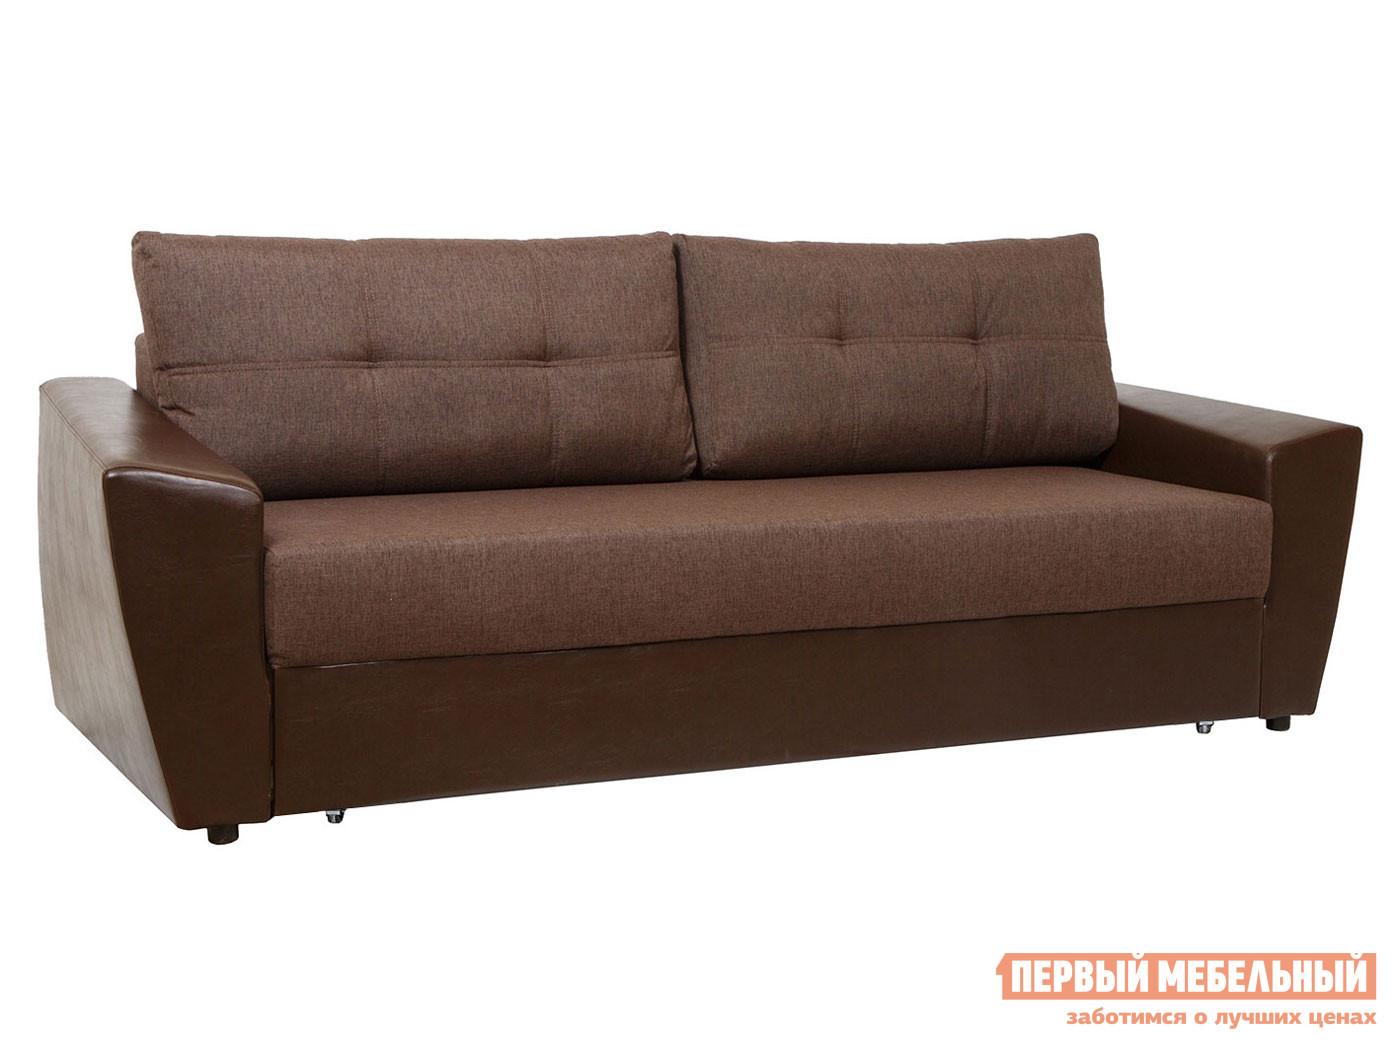 Прямой диван Амстердам Кофейный, рогожка фото